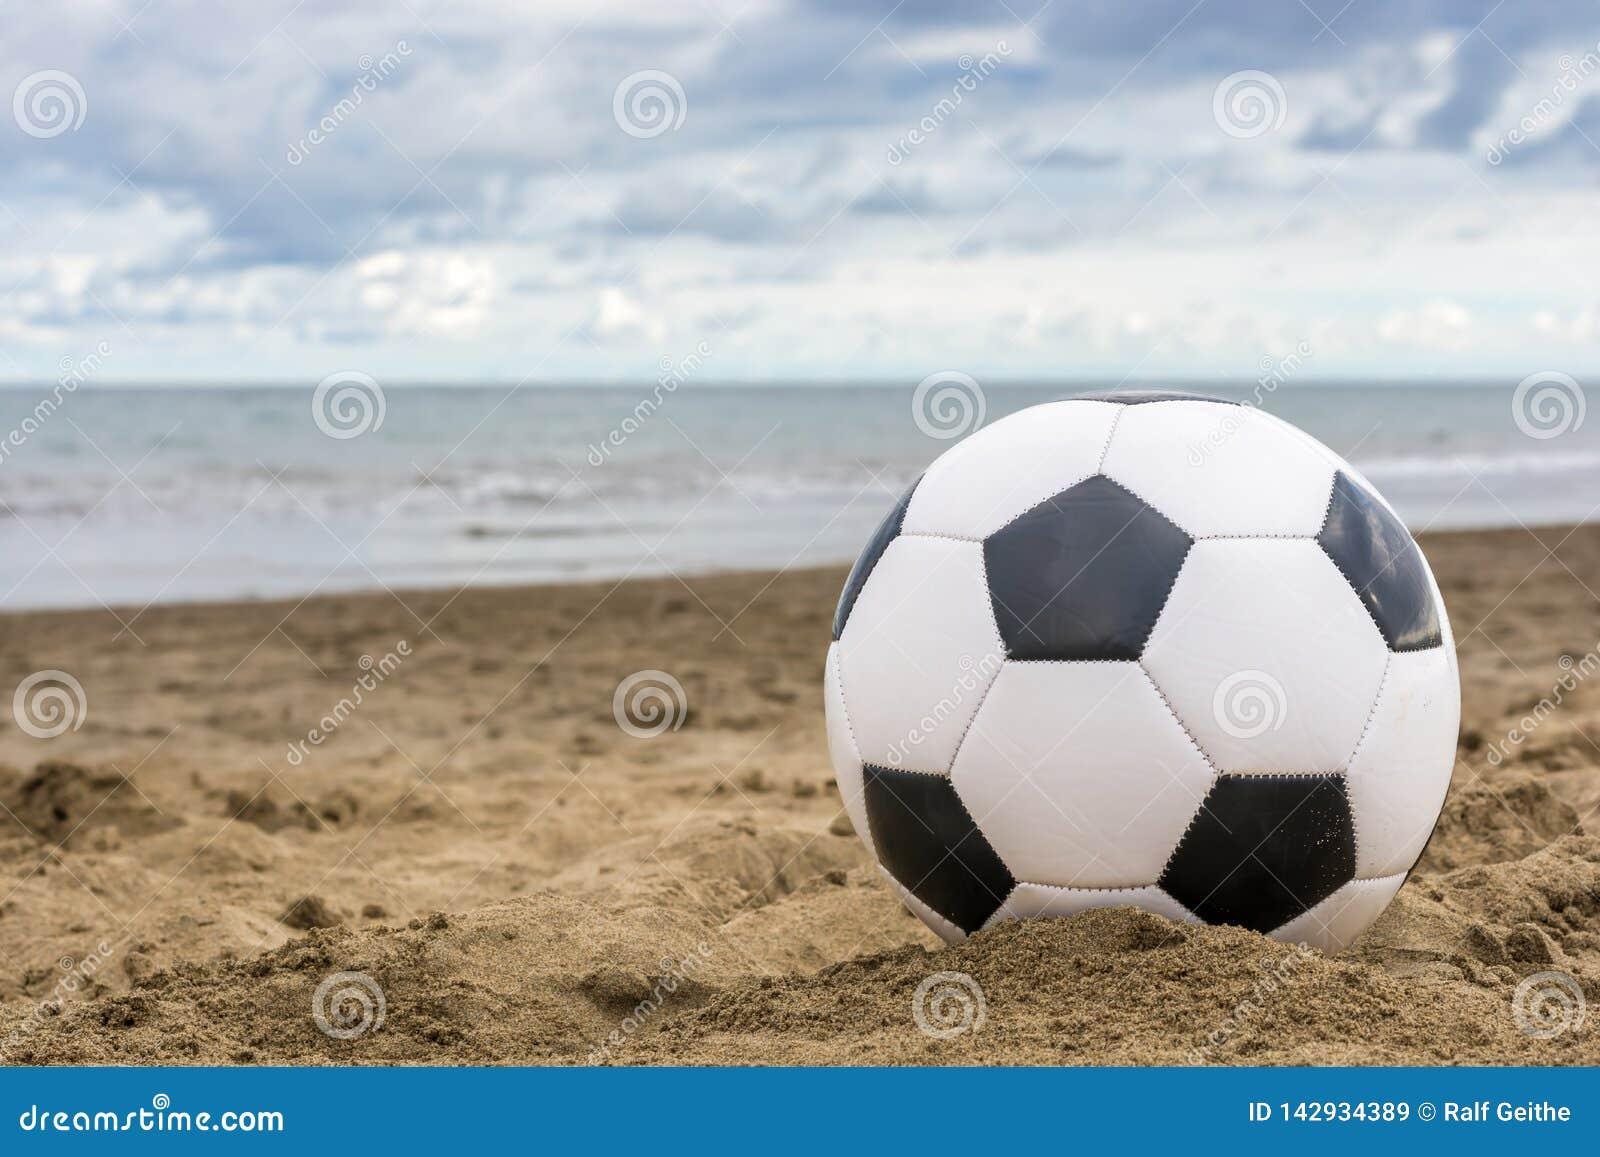 Football on deserted beach